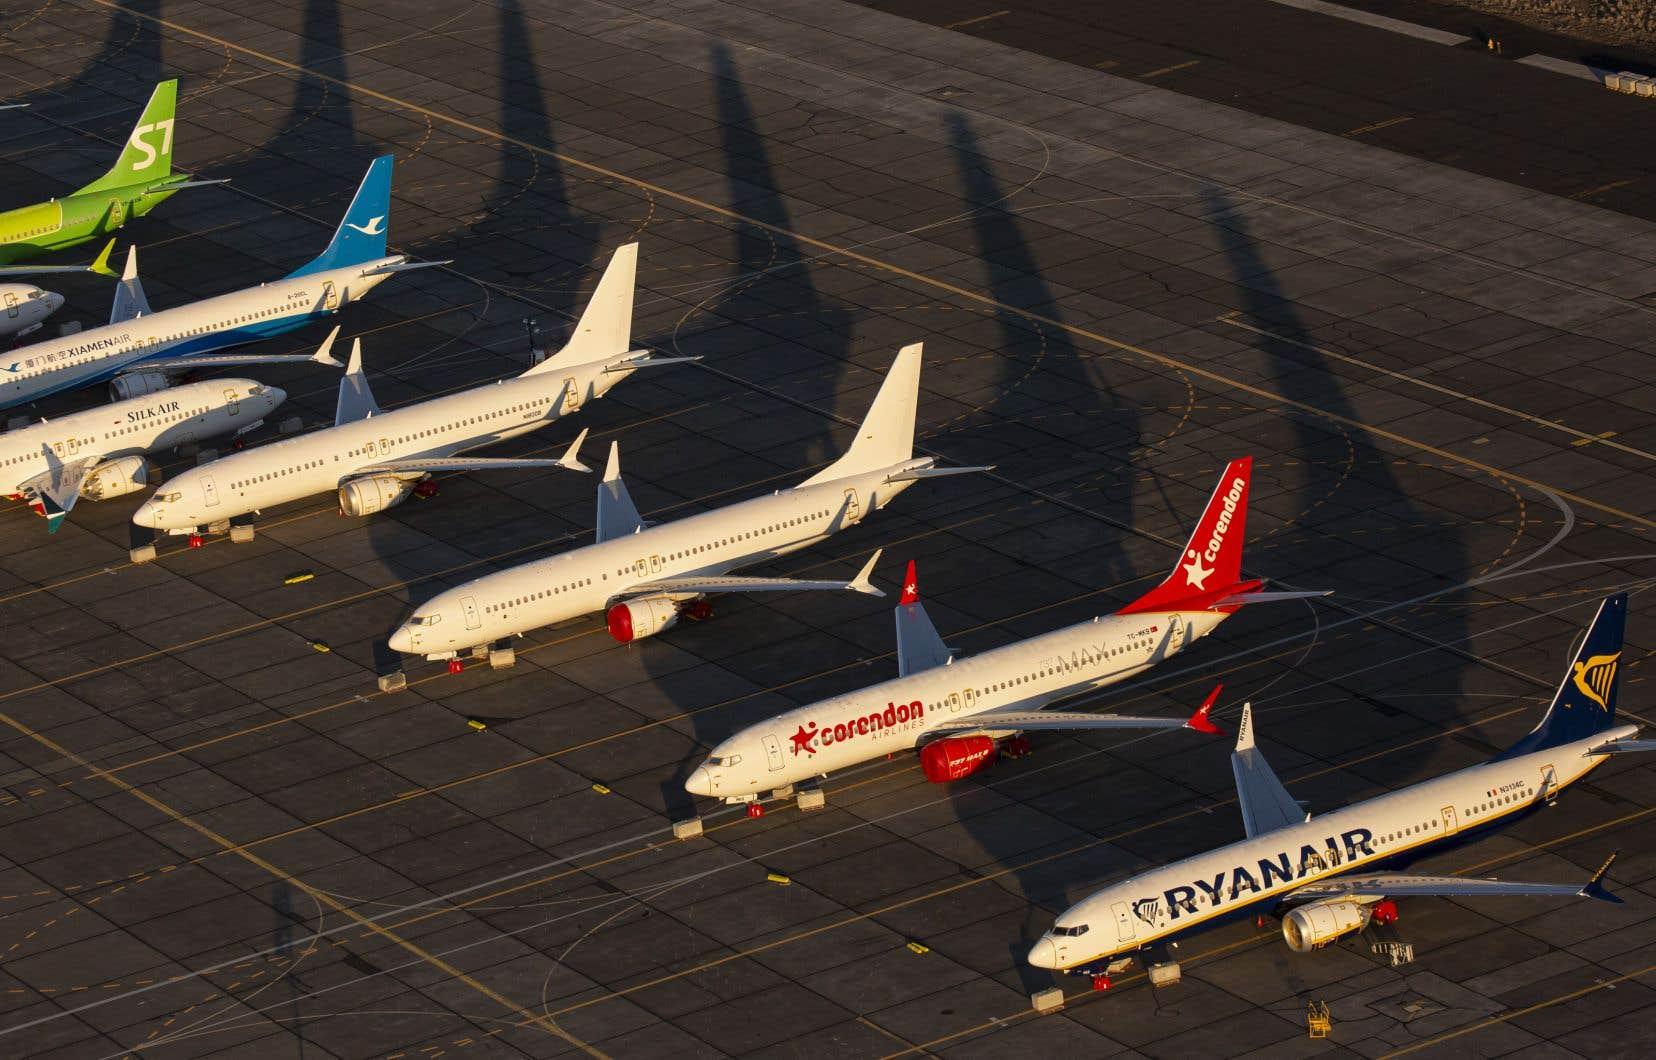 Les avions 737 MAX de Boeing sont cloués au sol depuis la mi-mars après deux accidents ayant fait 346 morts.